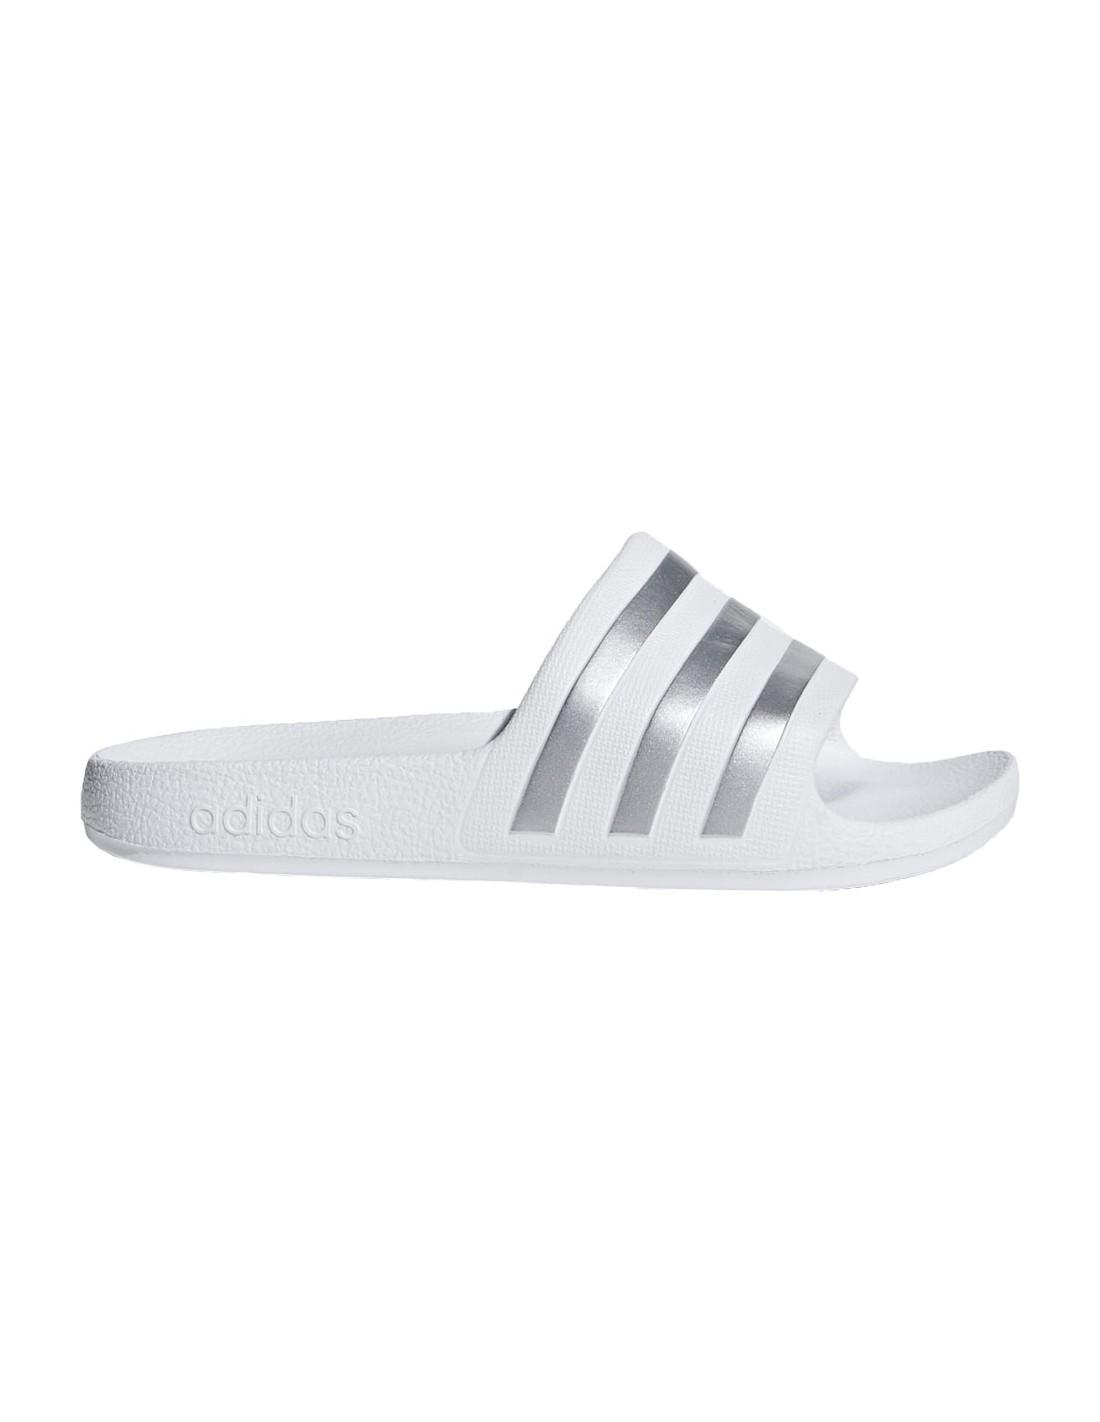 più economico immagini ufficiali negozio online Ciabatte Adidas Adilette slide-on bambina bambino bianco